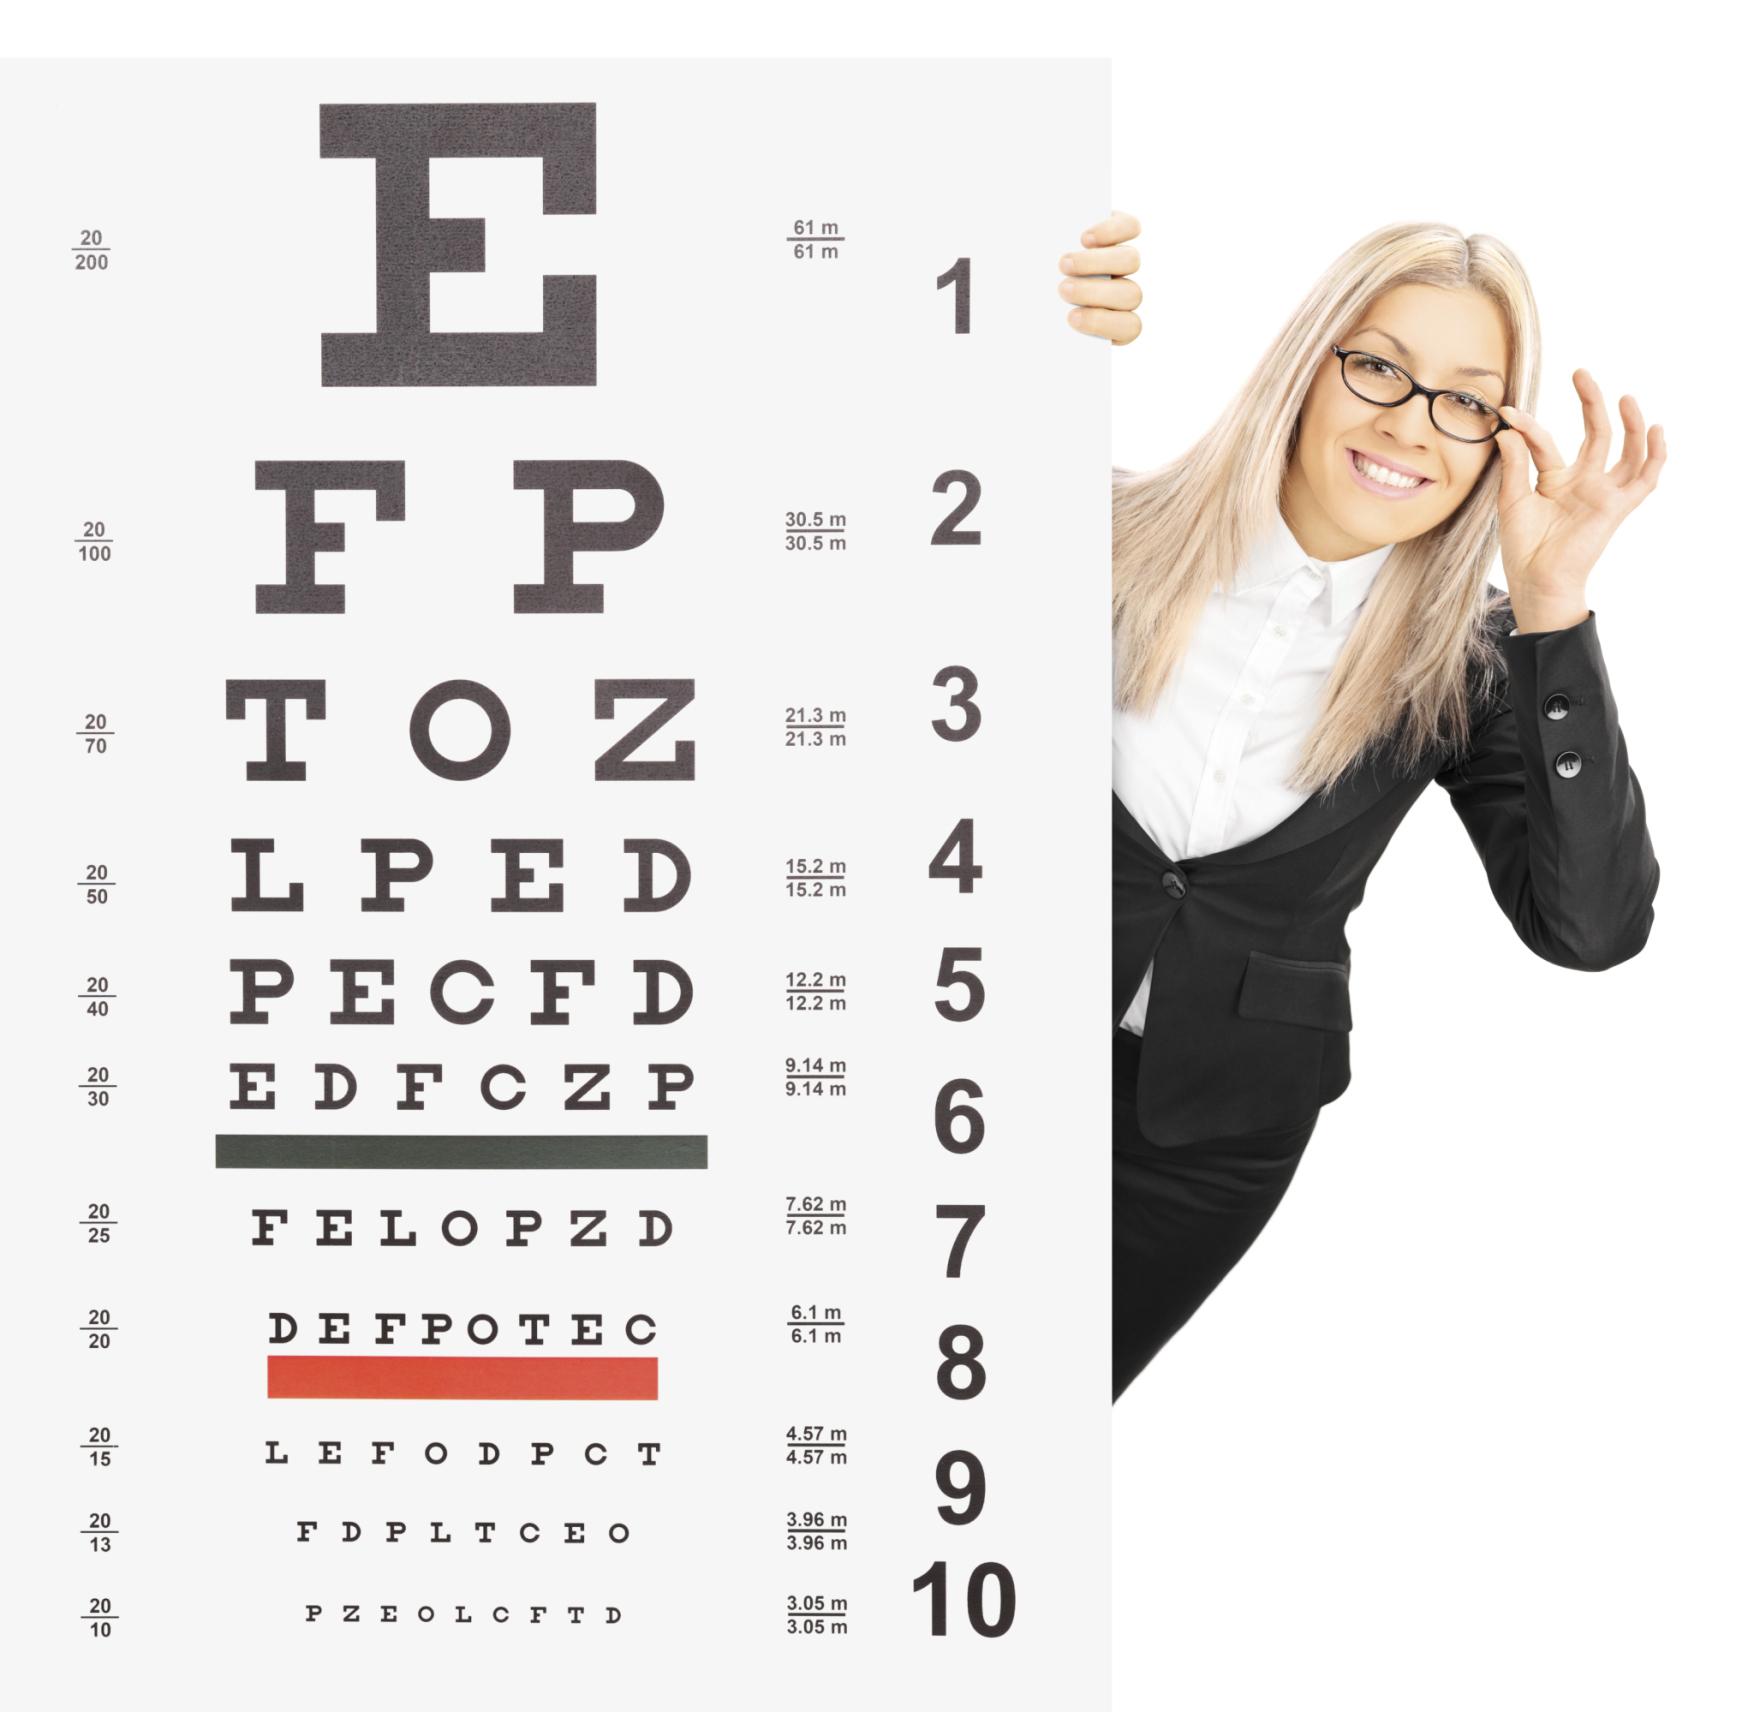 látás otthon 3 éves lézerrel helyreállíthatja a látást